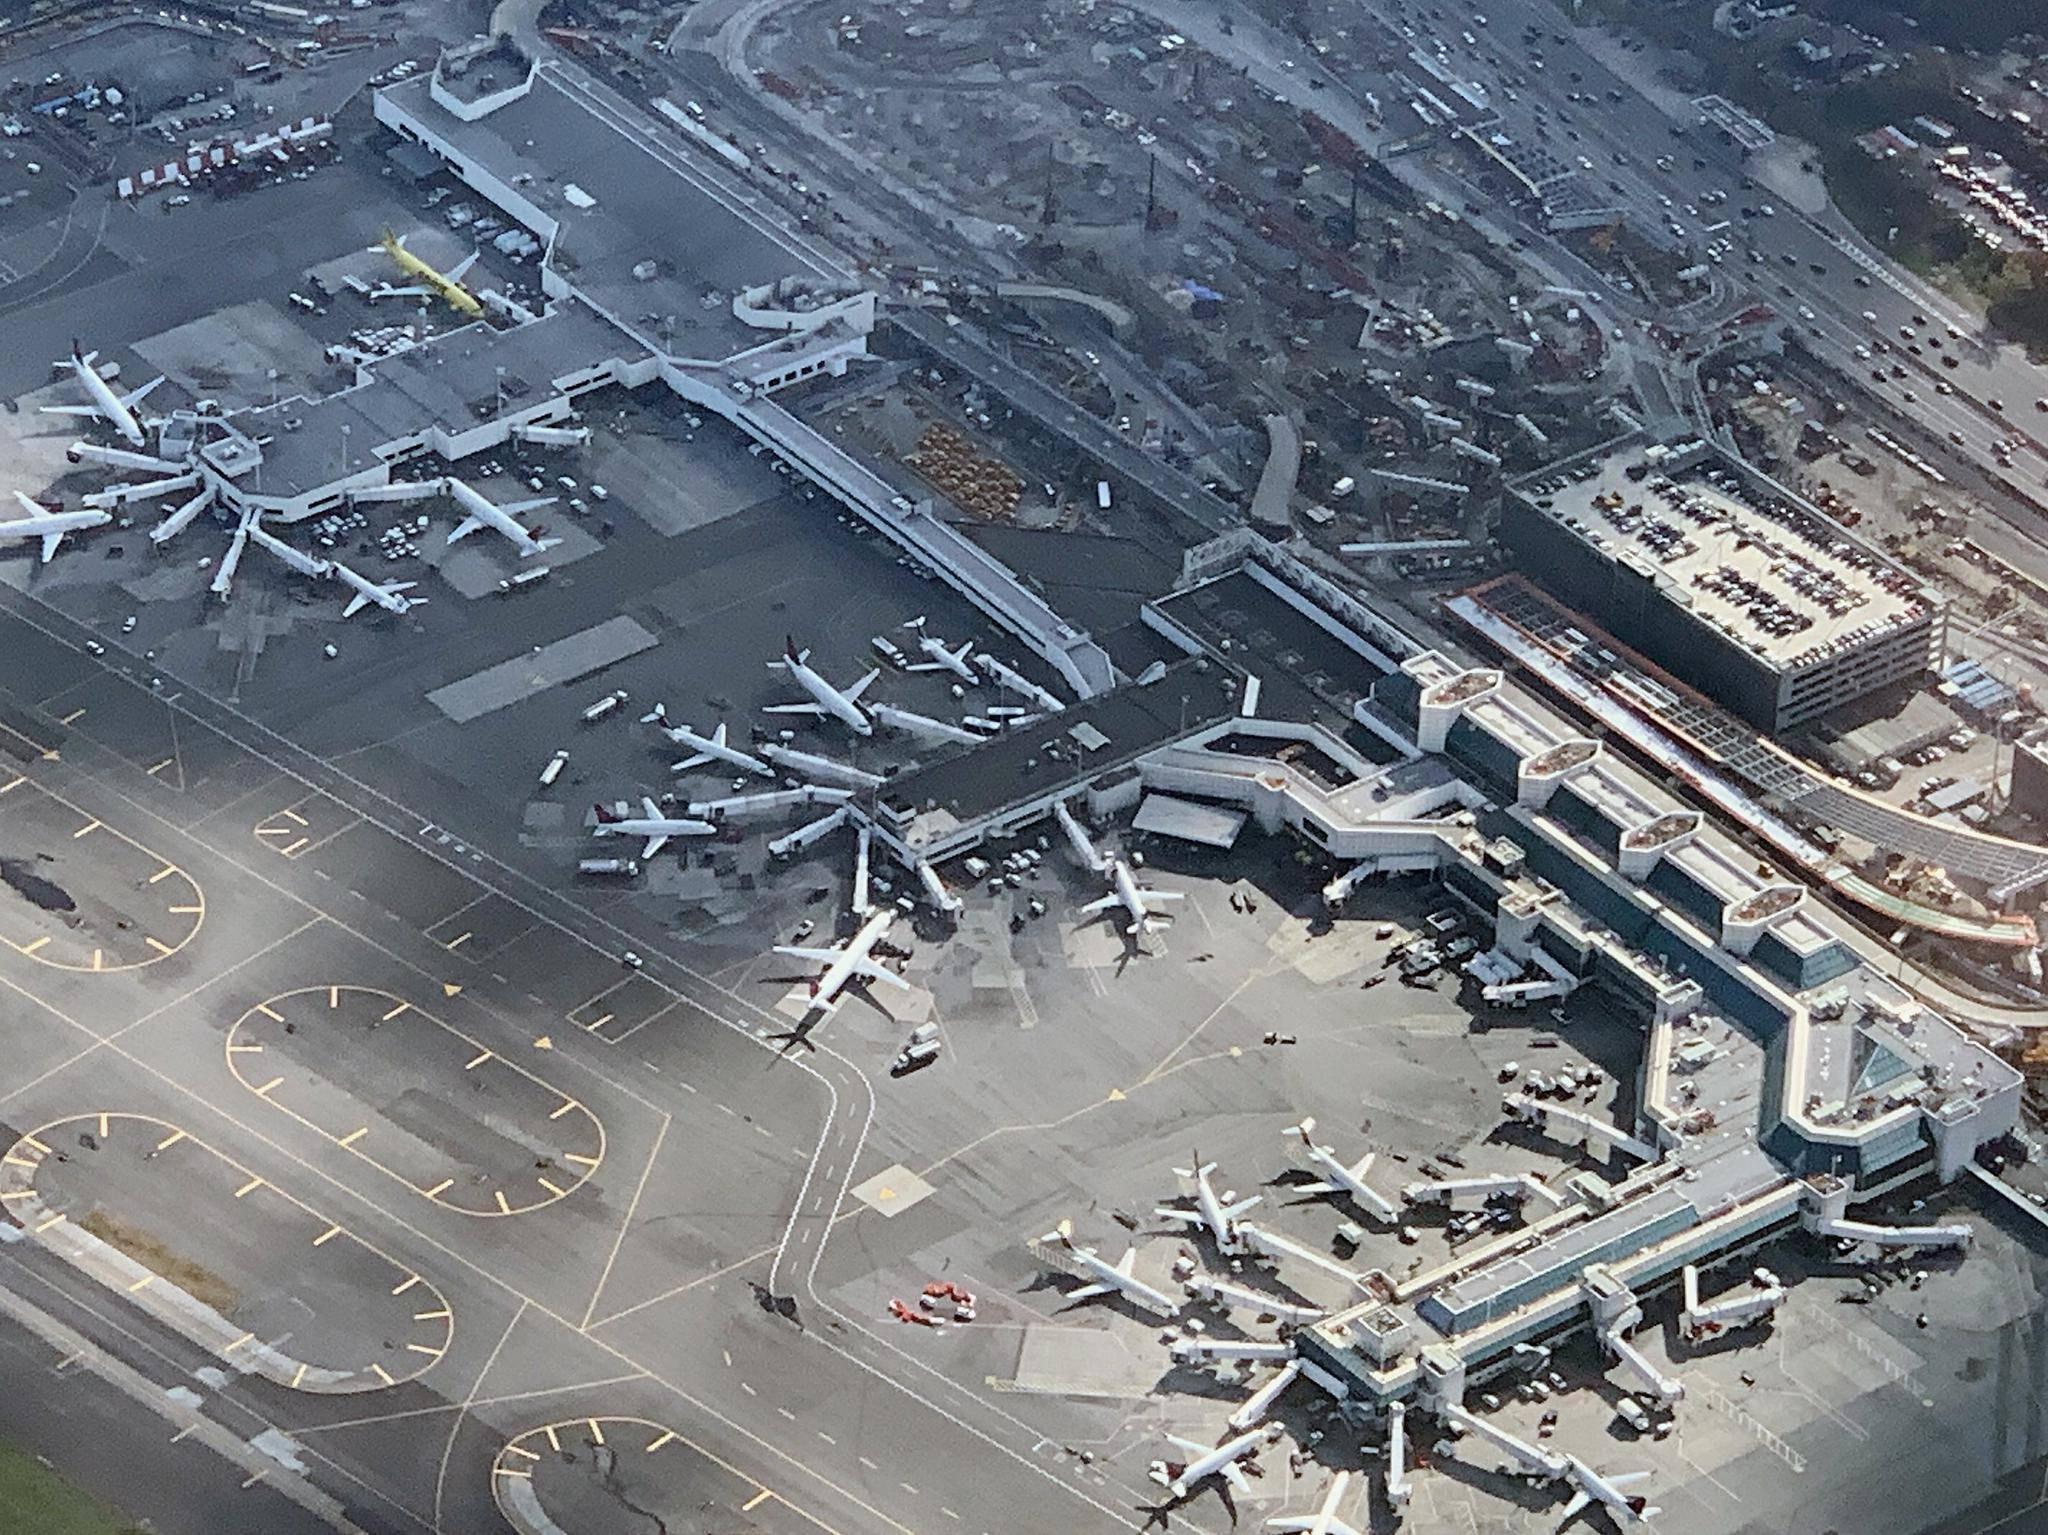 Инфраструктура аэропорта нью-йорк имени джона кеннеди: камеры хранения, залы ожидания и другие услуги